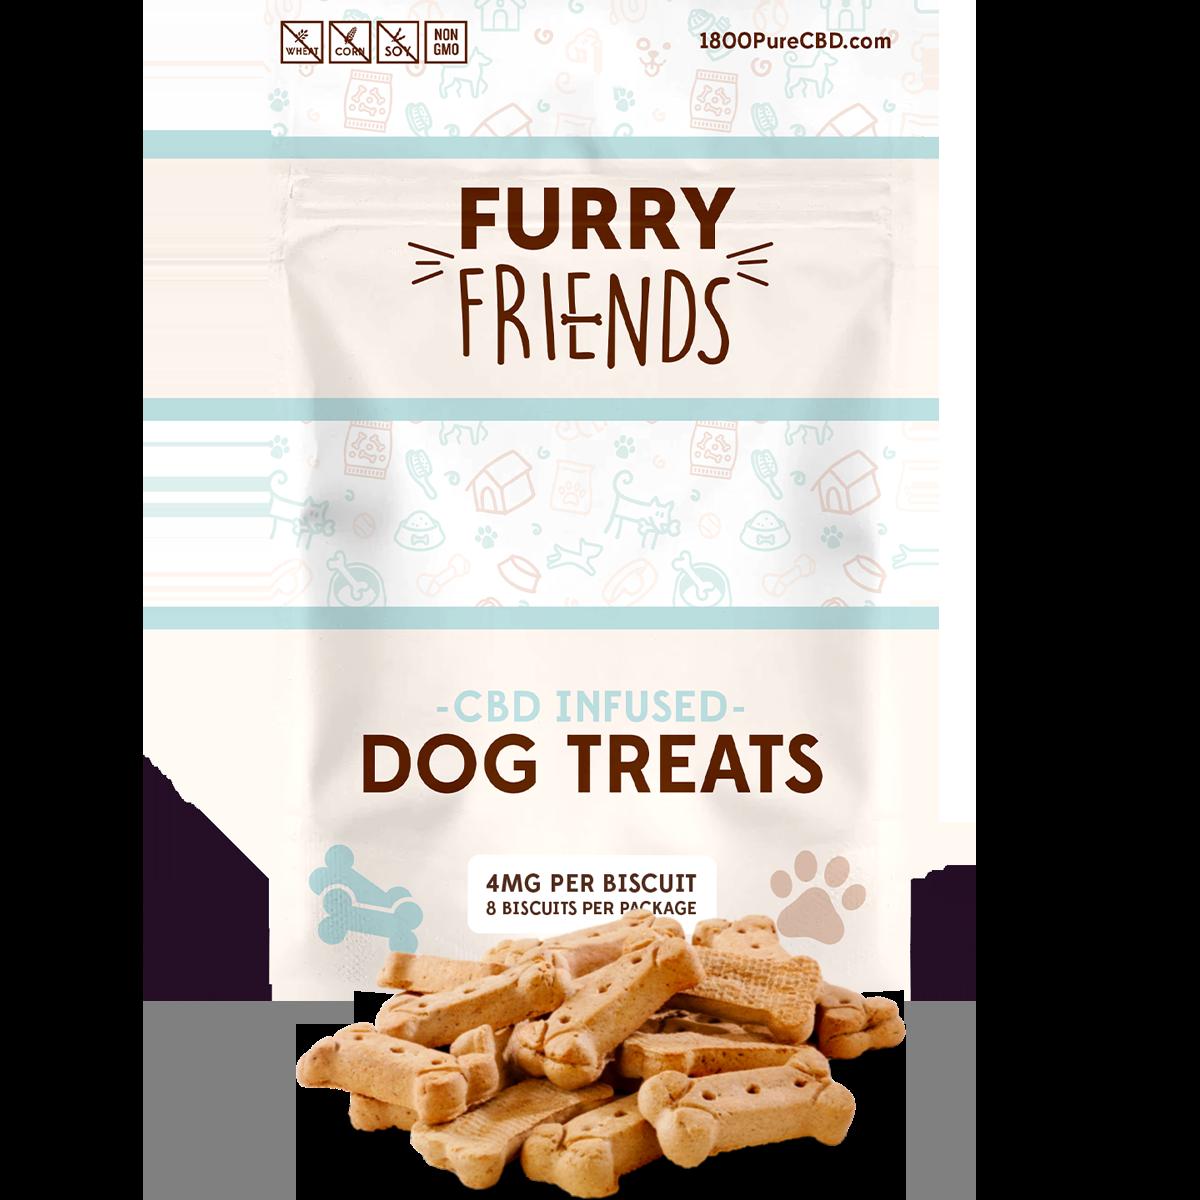 Furry Friends CBD Dog Treats 4mg